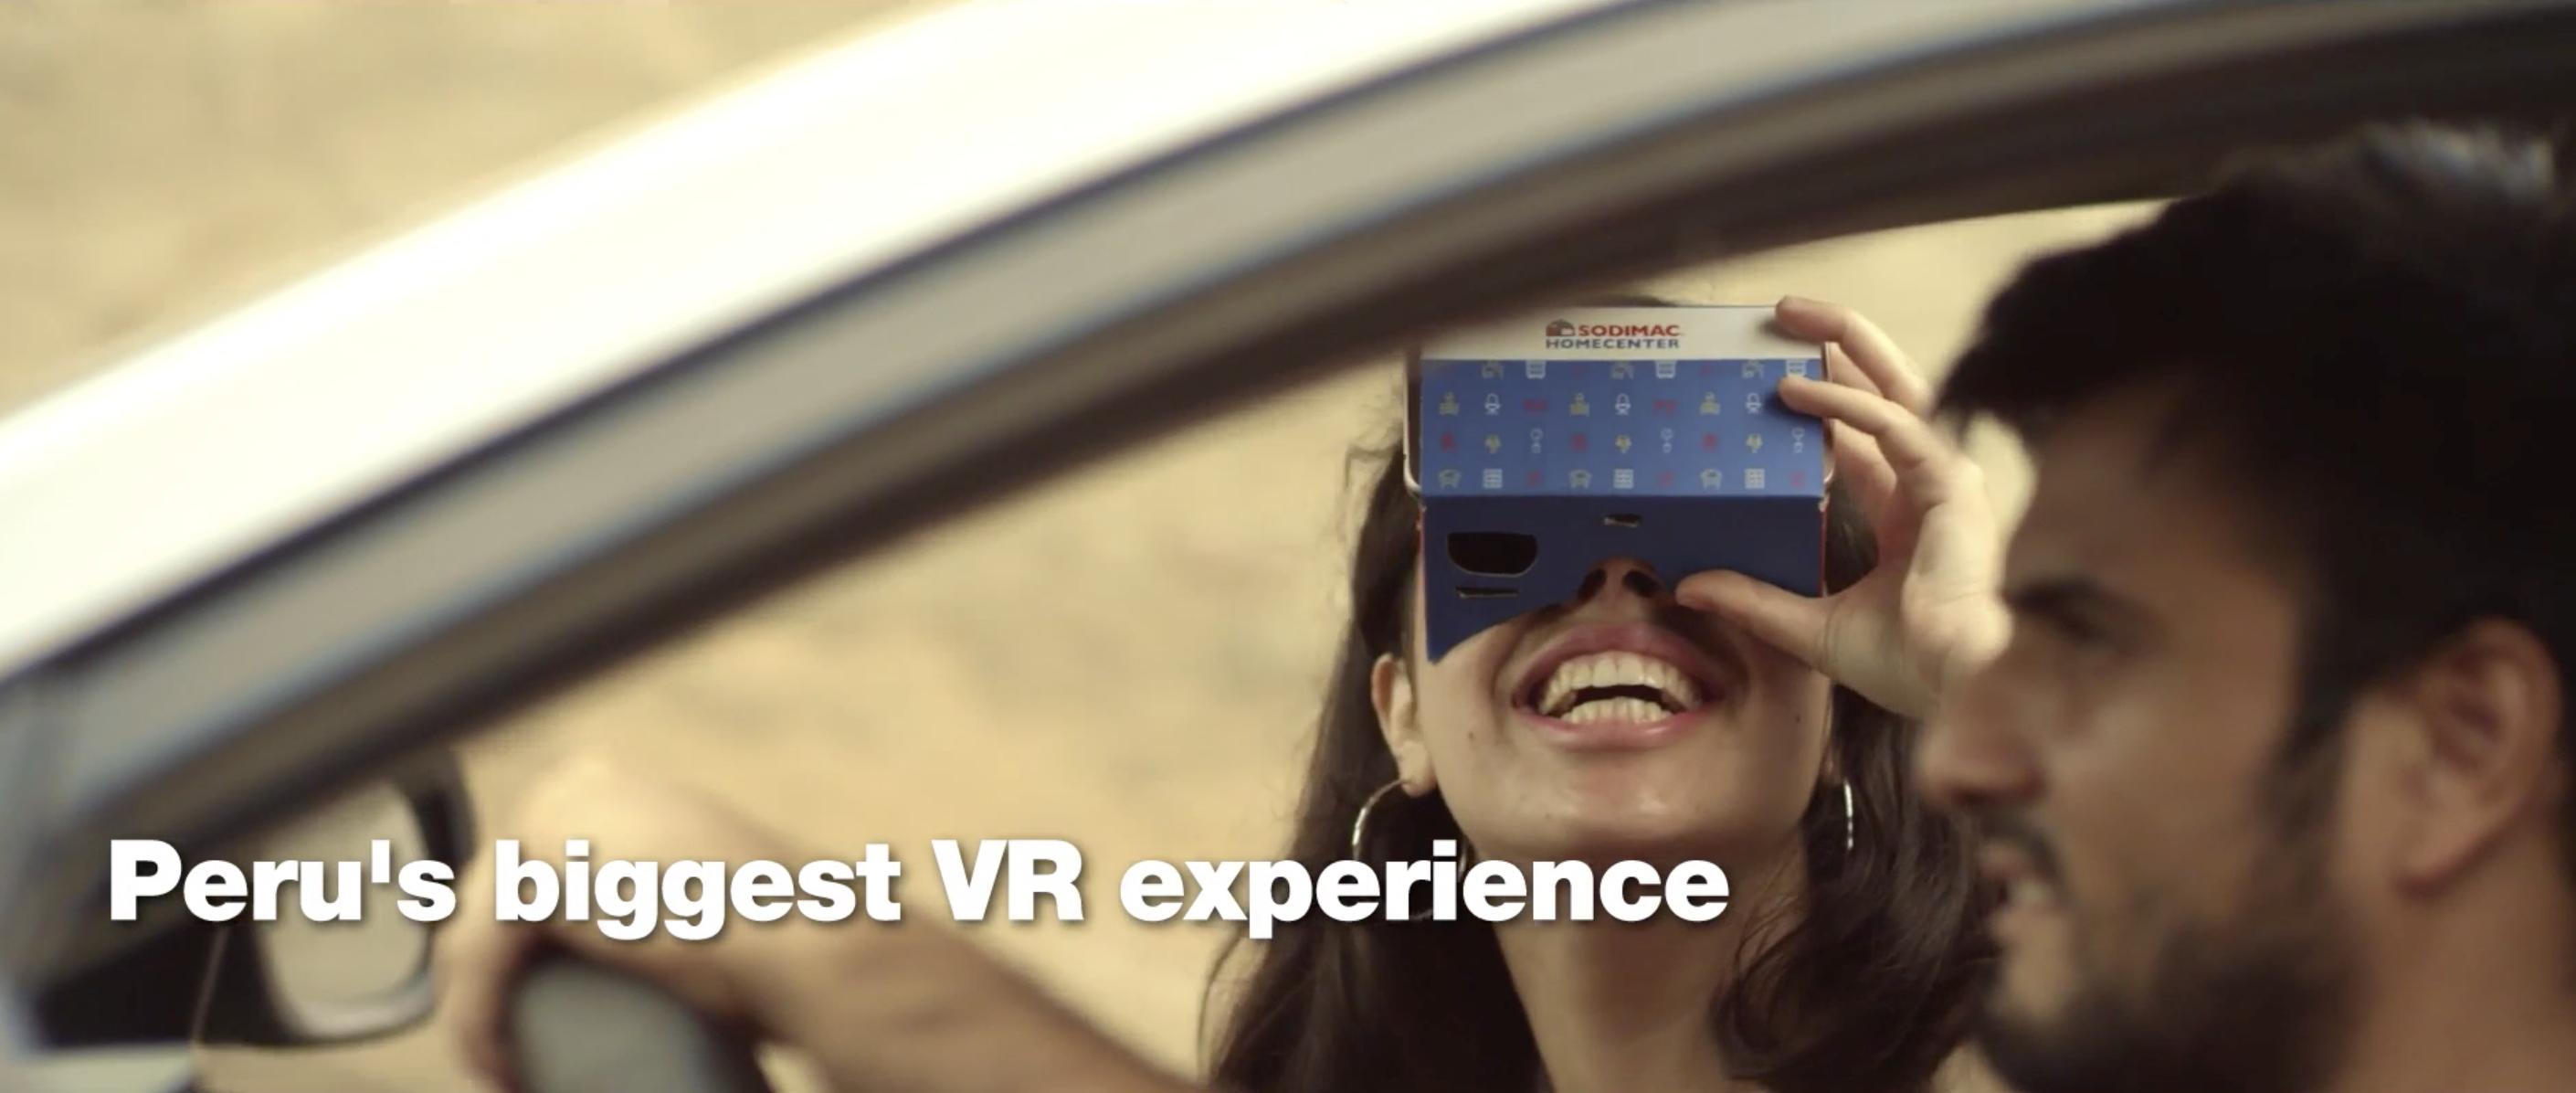 sodimac VR